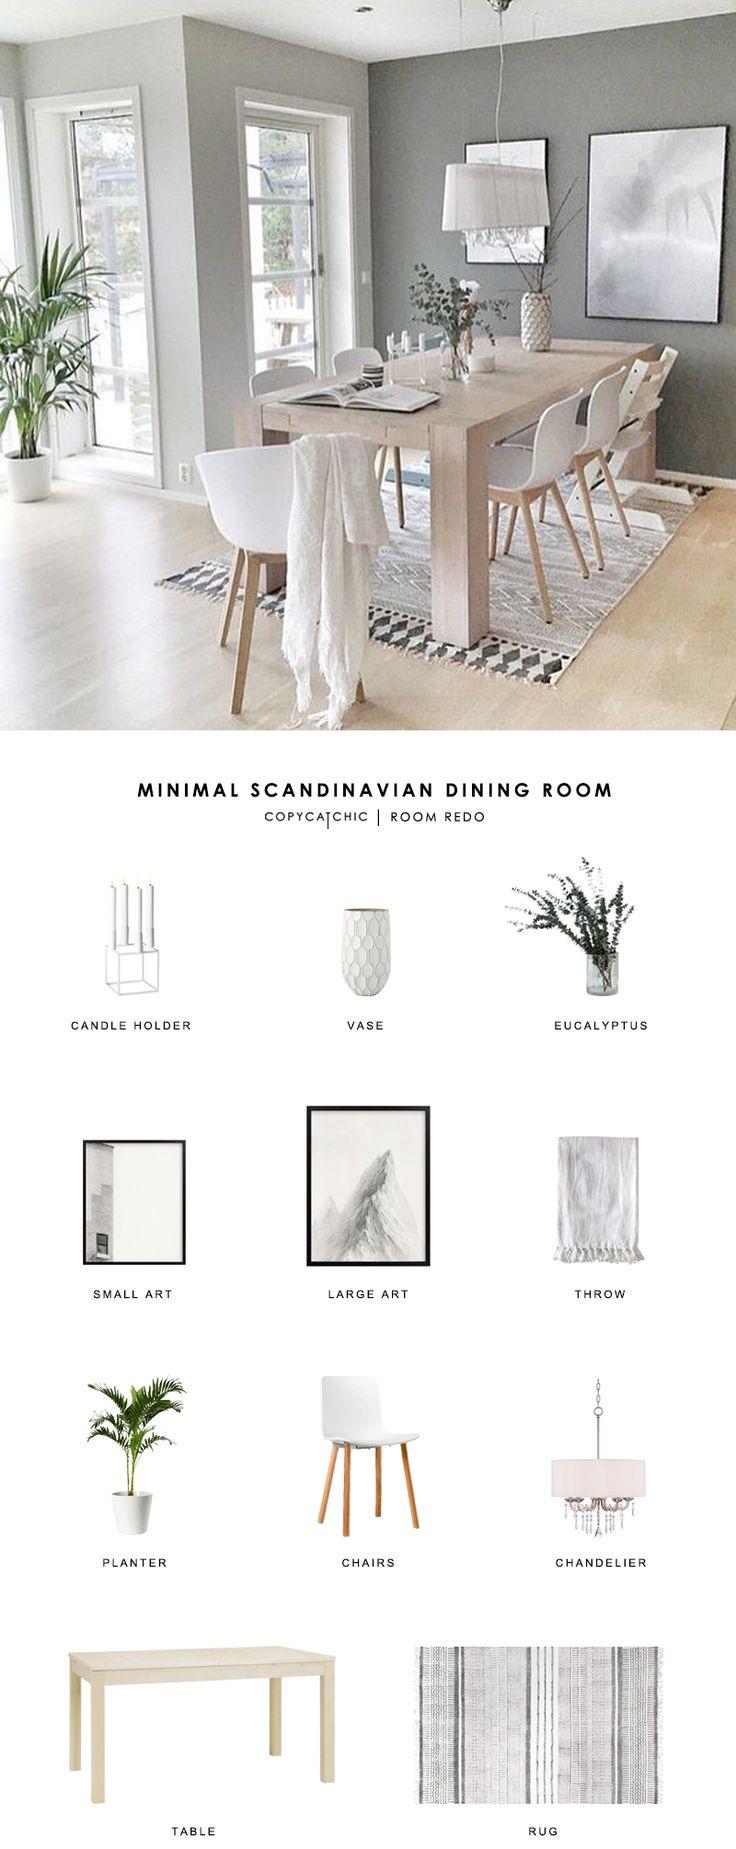 #ScandiDiningRoom Copy Cat Chic Room Redo | Minimal Scandinavian Dining Room